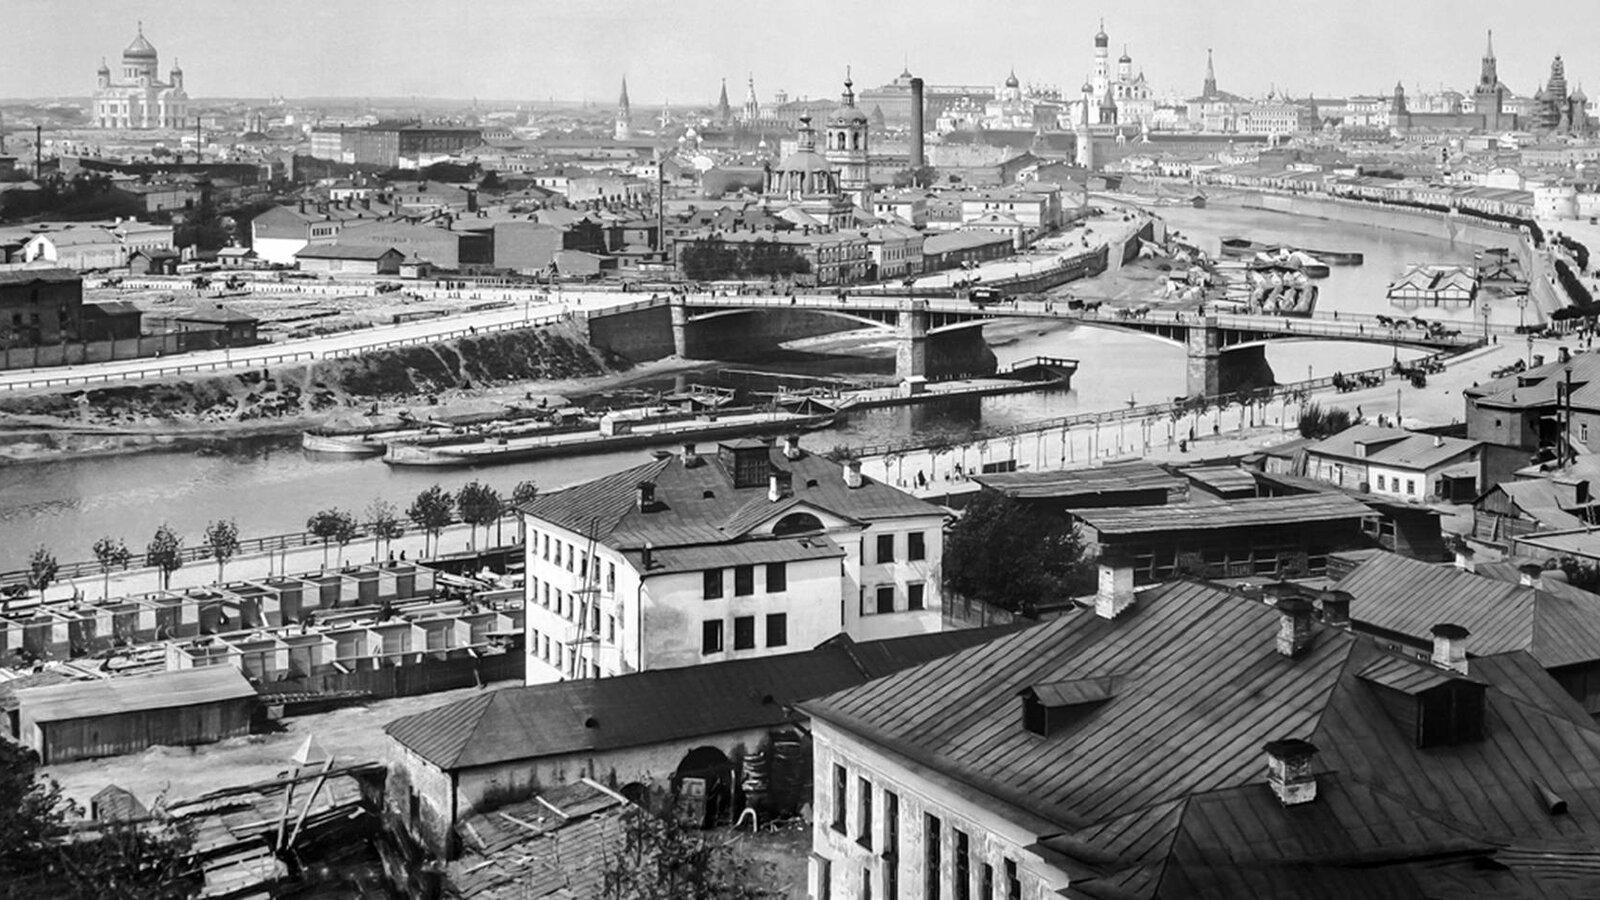 Проверено временем: заводы и фабрики Москвы с многолетней историей